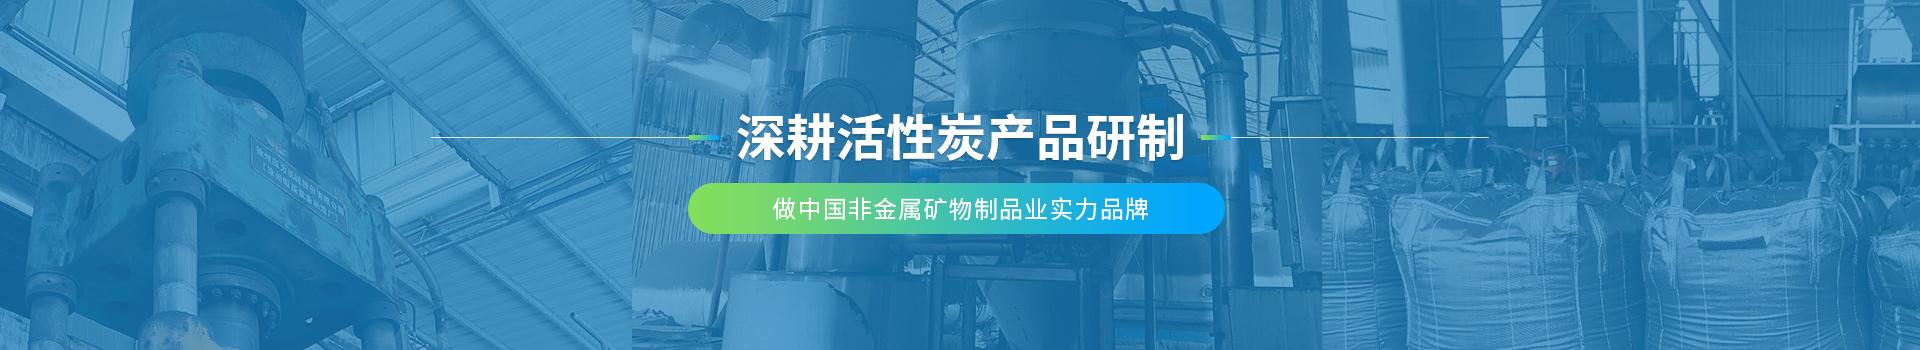 銮桦净化,深耕活性炭产品研制